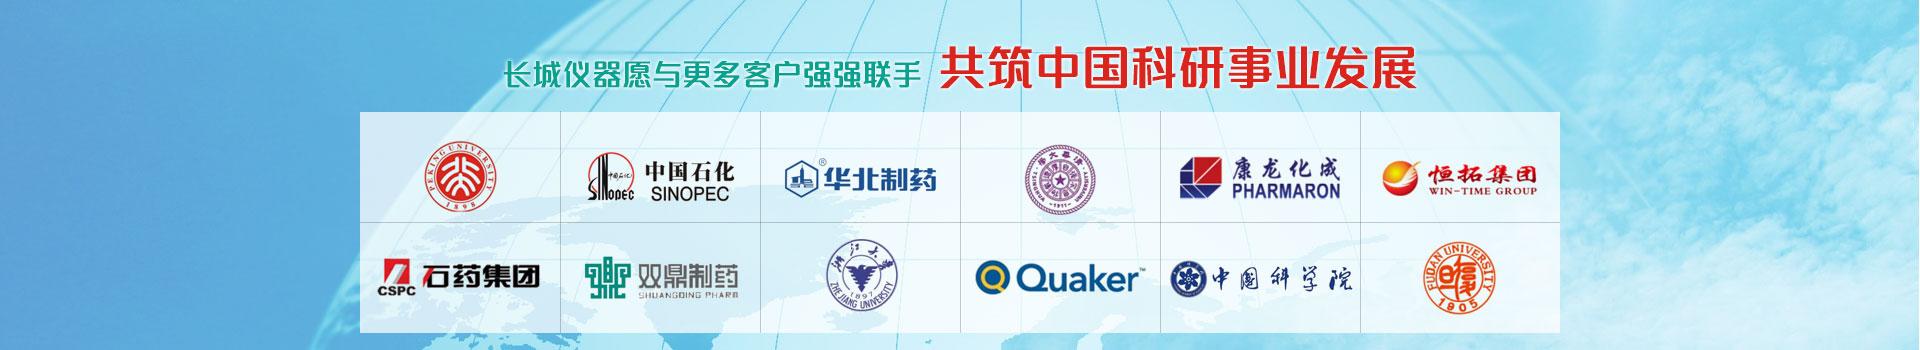 长城仪器愿与更多客户强强联手,共筑中国科研事业发展